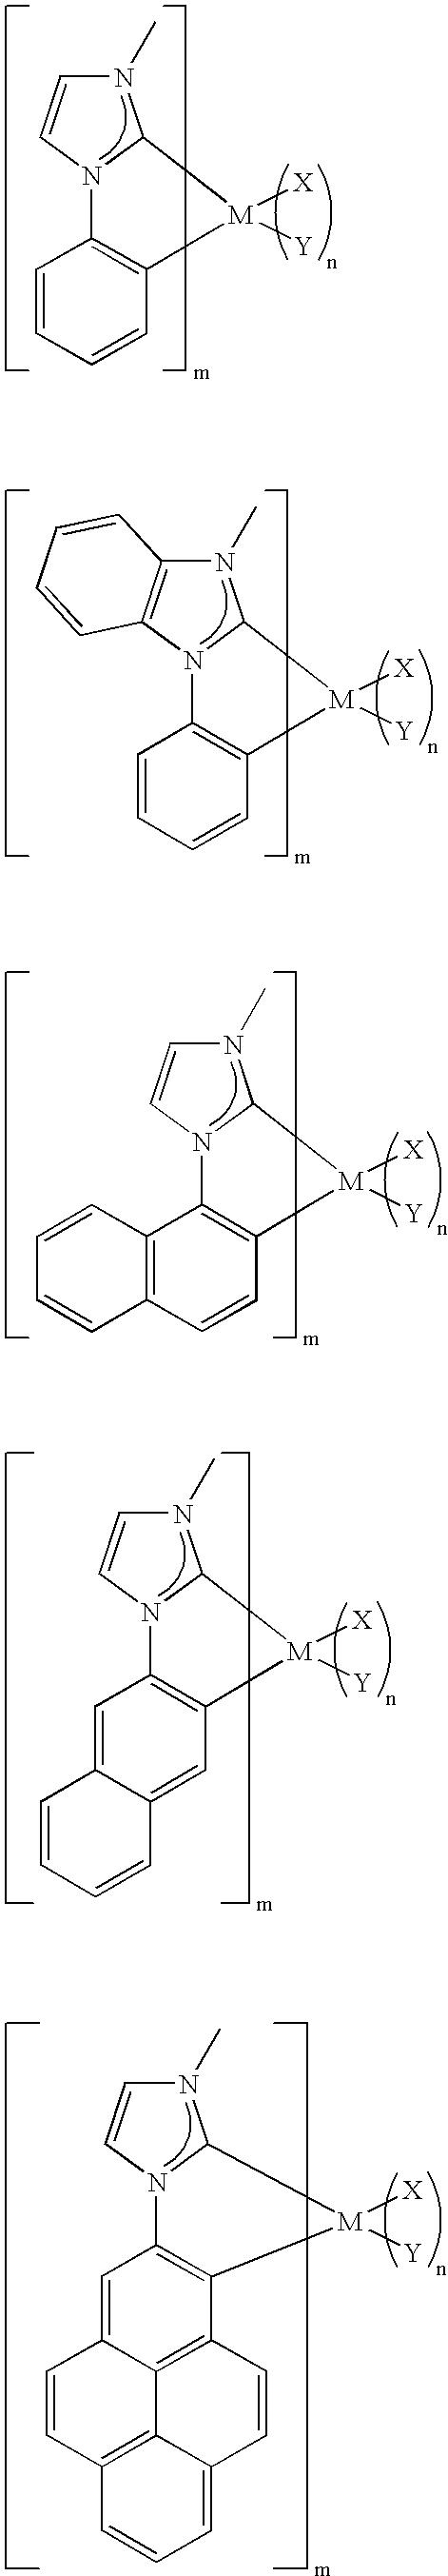 Figure US07445855-20081104-C00030